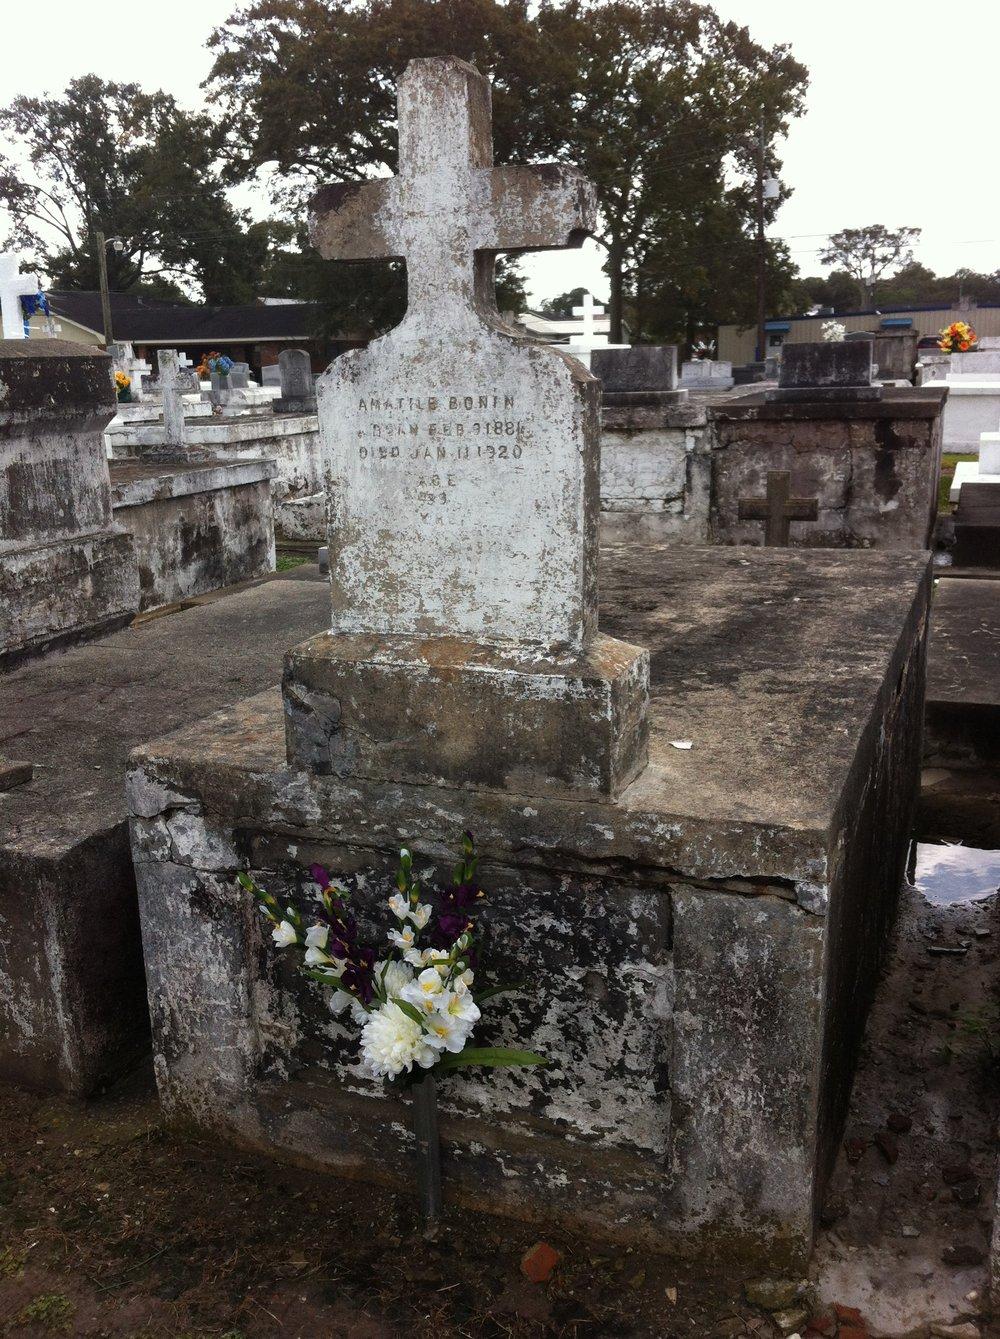 Louisiana Tomb - Before